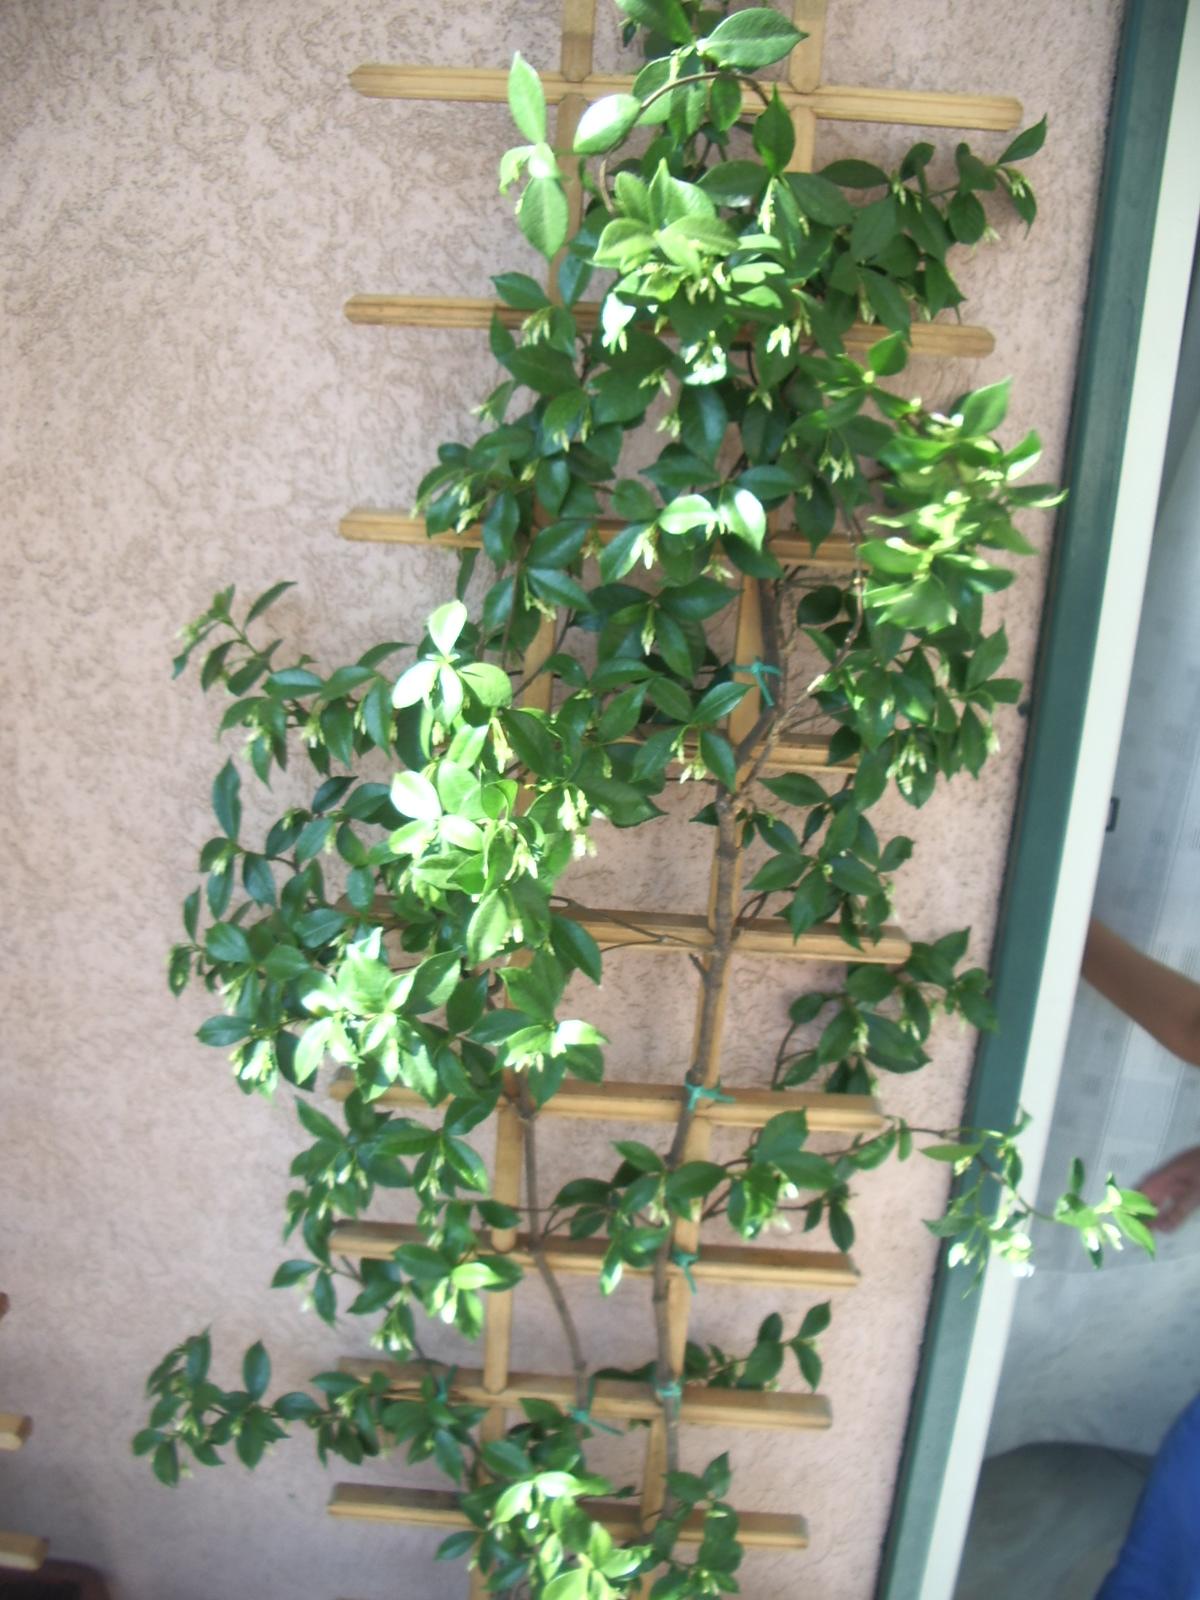 Follie di donna il giardino in terrazza for Giardino in terrazza